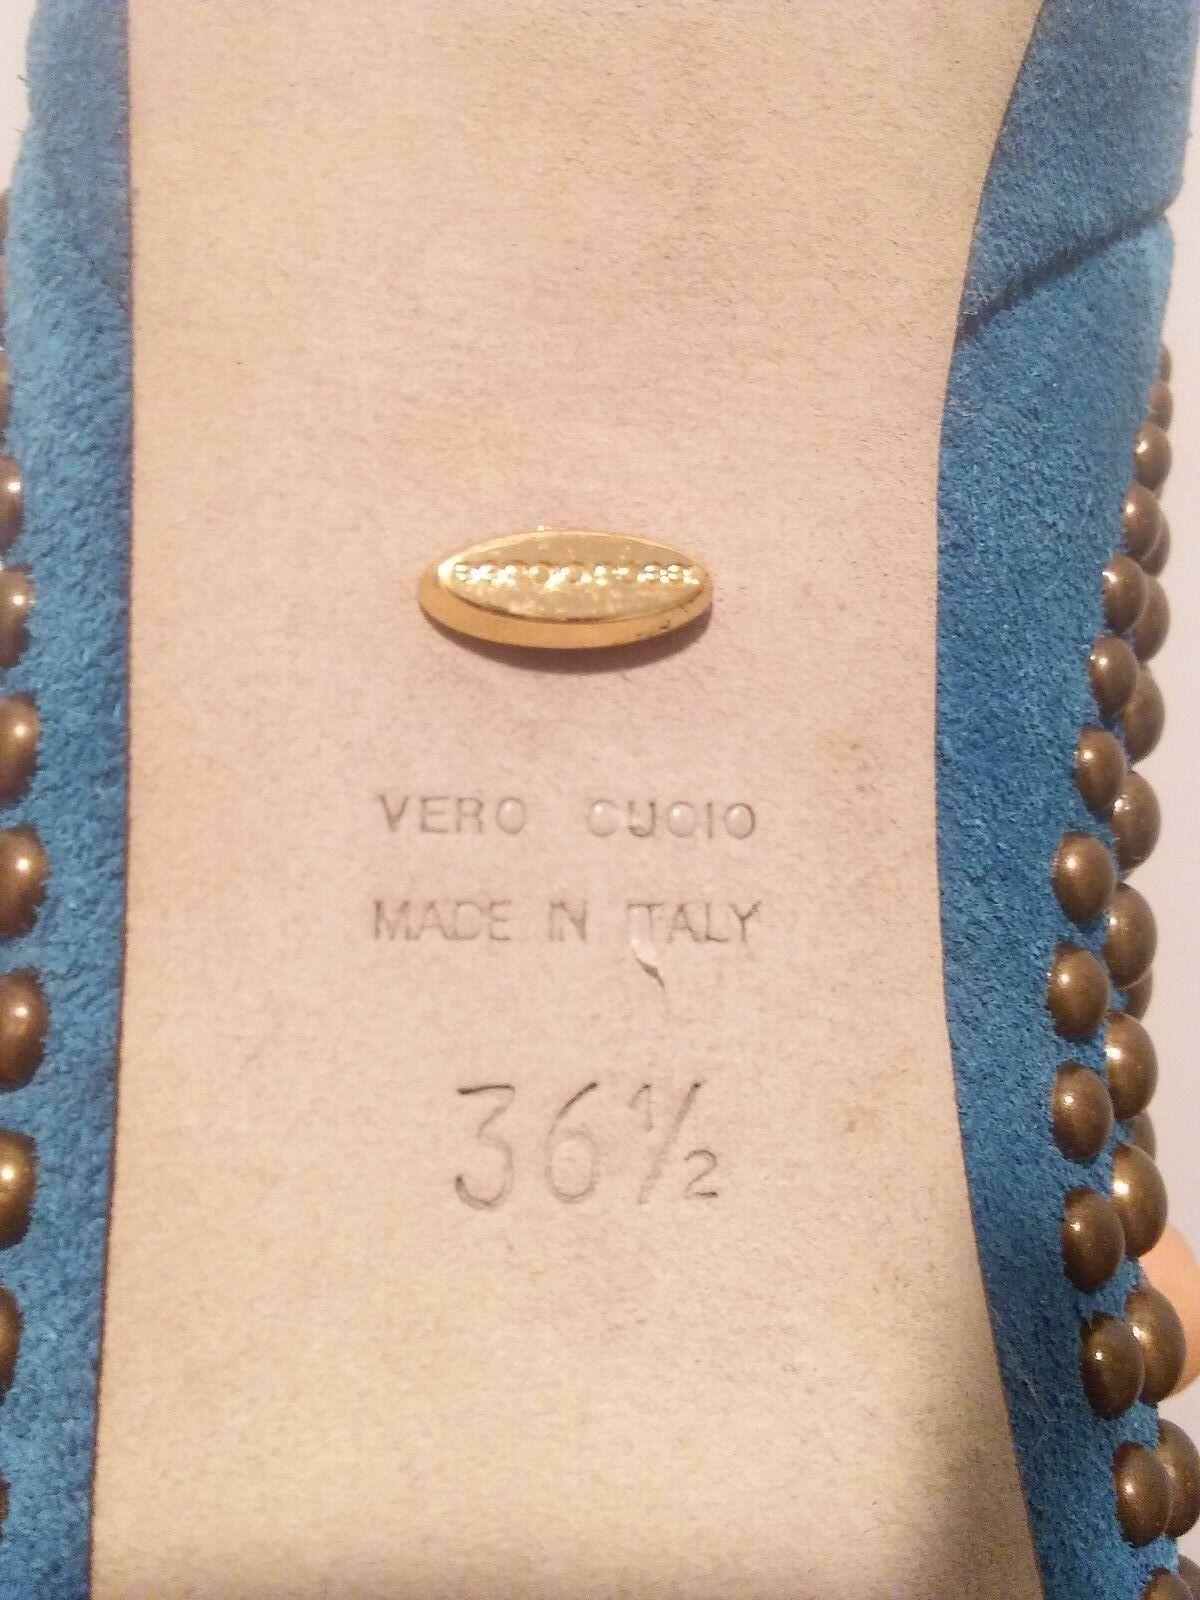 Sergio Rossi, hecho hecho hecho en Italia, US tamaño - 6.5 d1f1f1